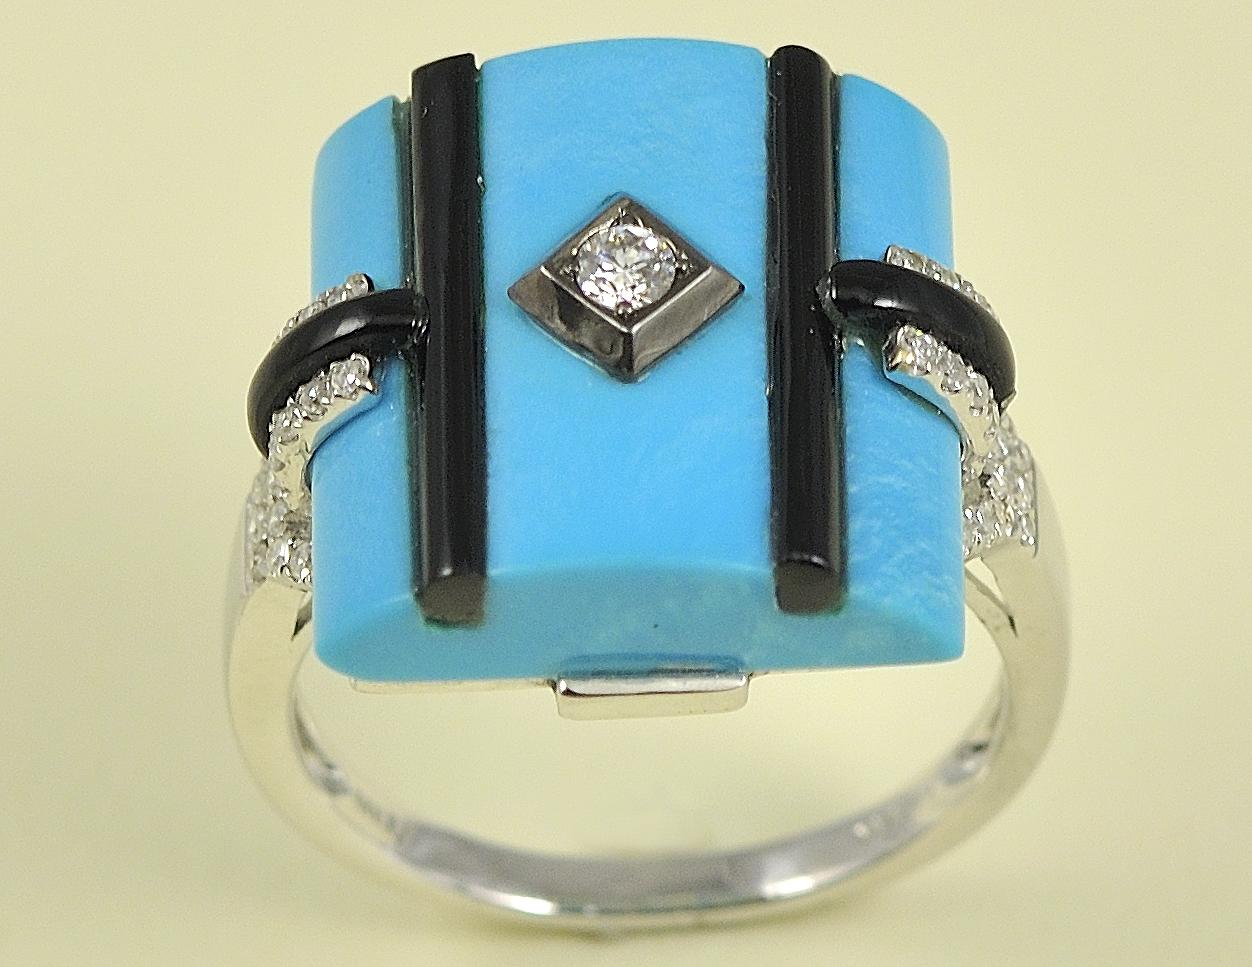 Amazing 14K White Gold Turquoise, Onyx, and Diamond Ring